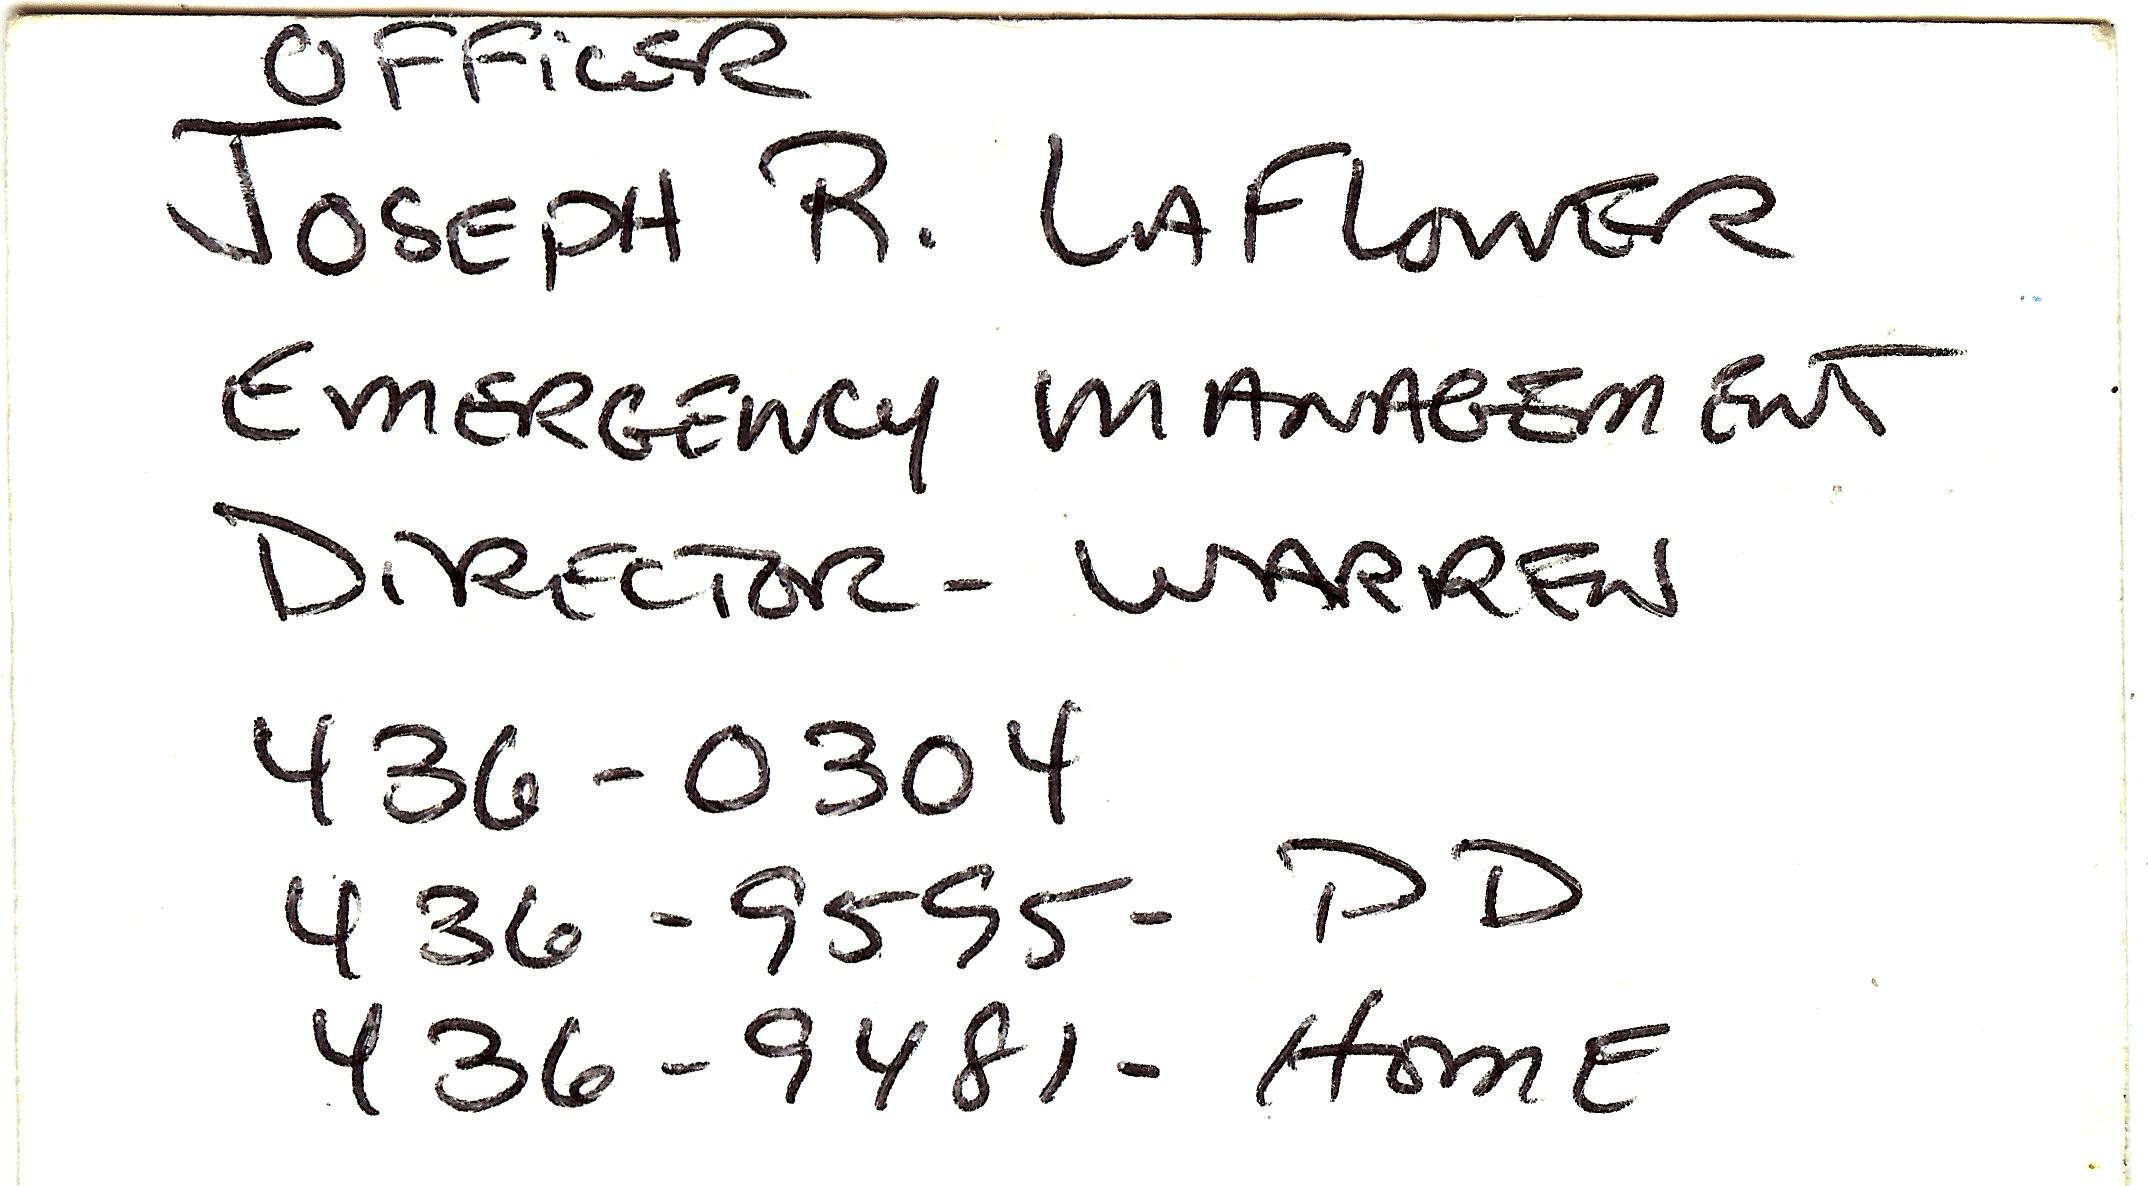 Leon County Florida Public Records - Open Public Search ...